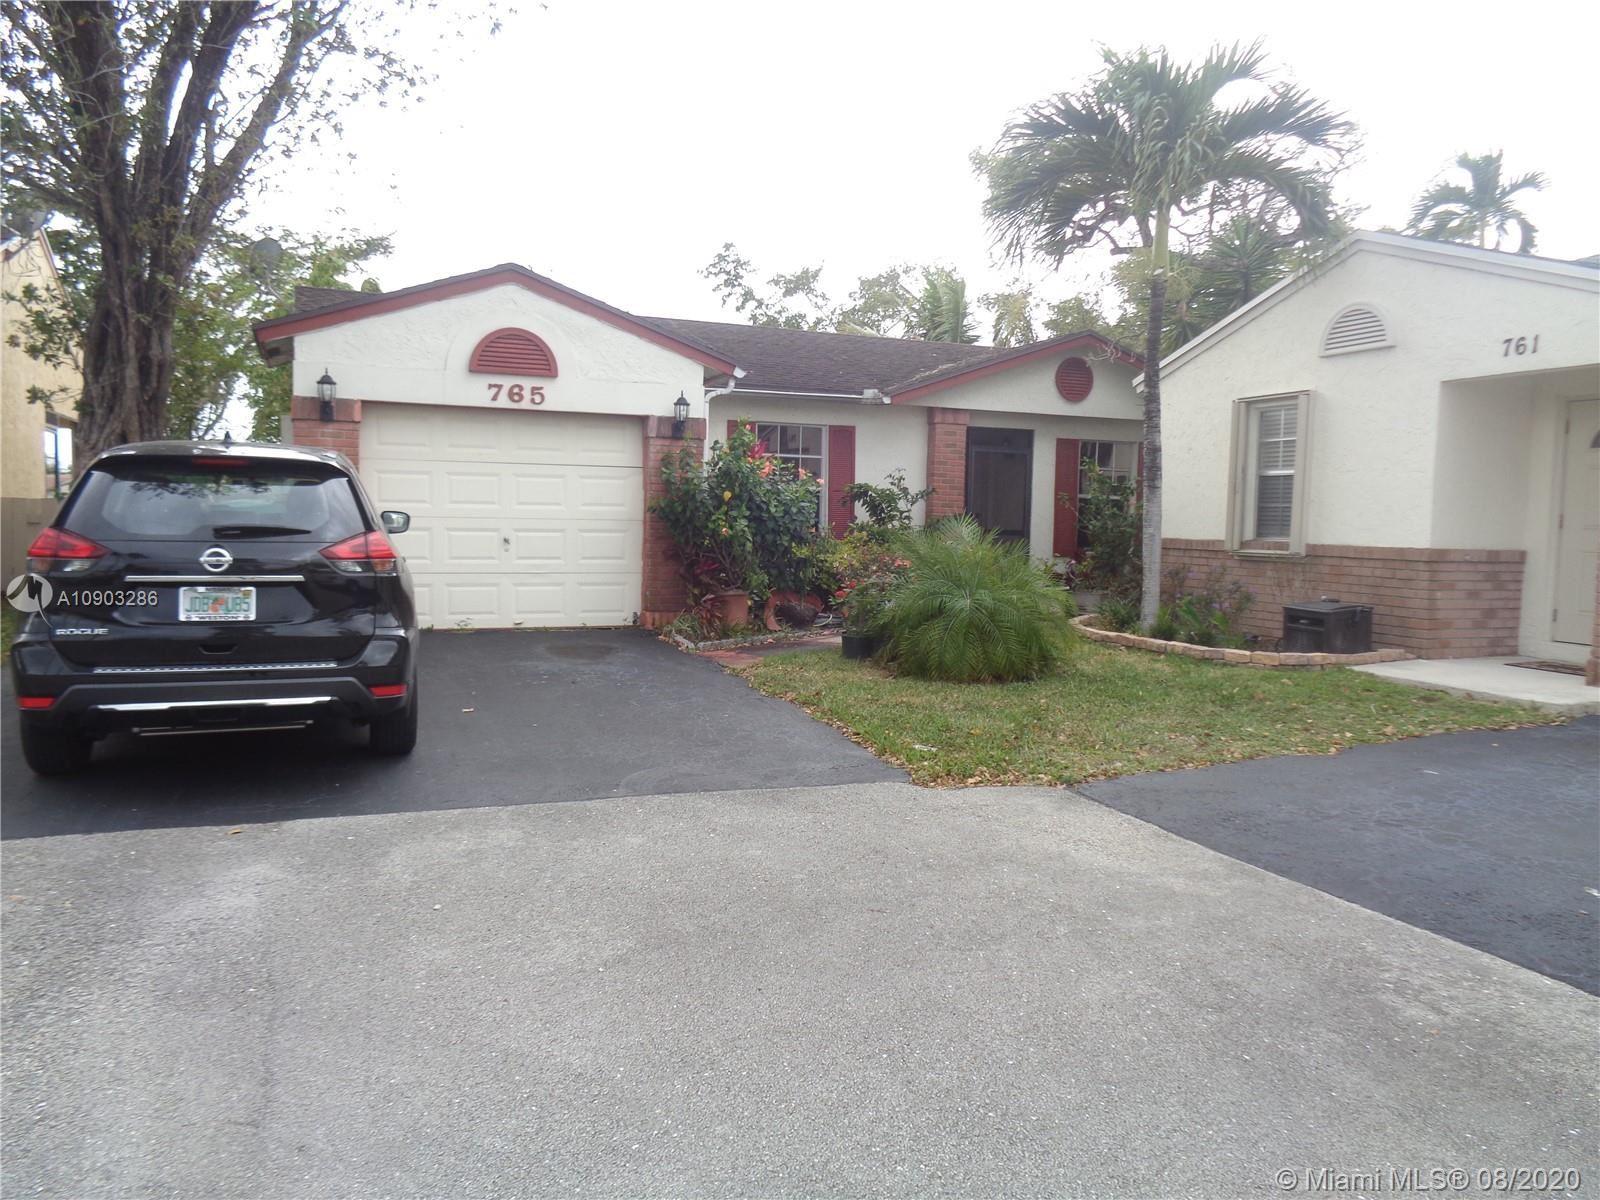 765 Cumberland Ter, Davie, FL 33325 - #: A10903286